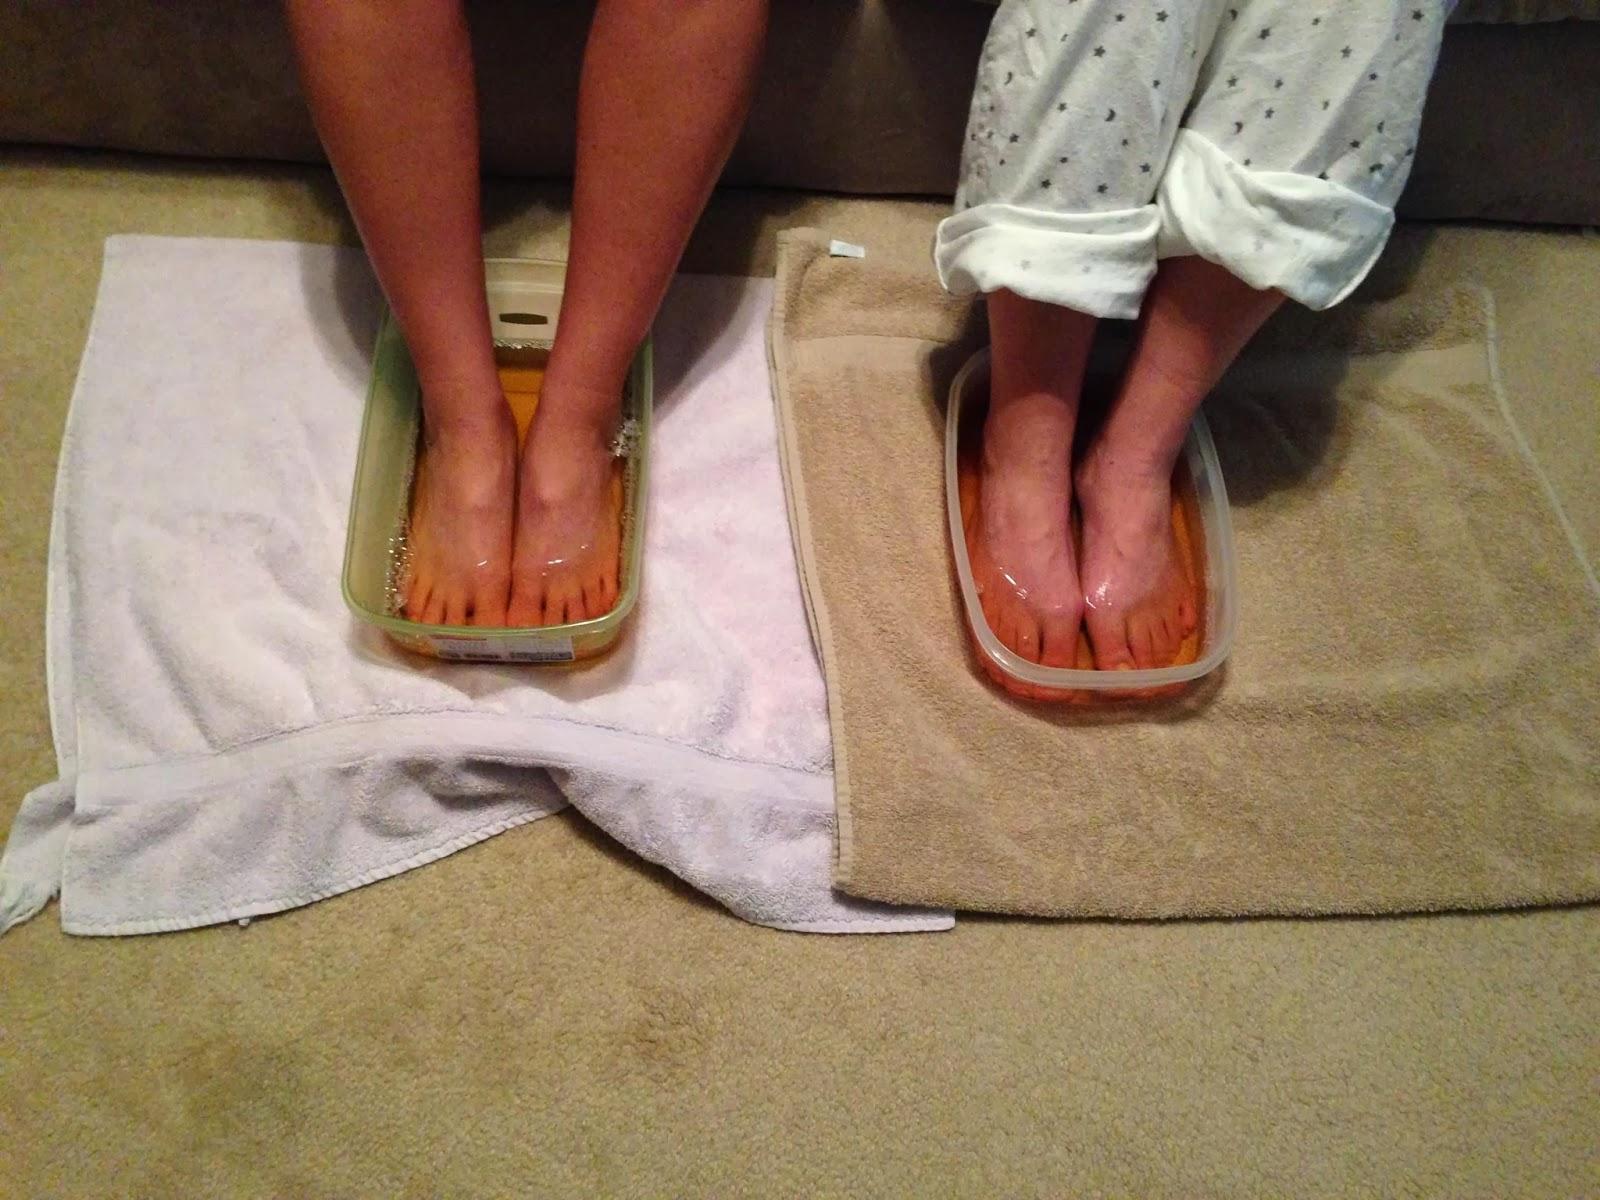 Atbrīvojiet savu ķermeni no toksīniem un slimībām, vienkārši iemērcot kājas šajā šķīdumā uz 20 minūtēm!